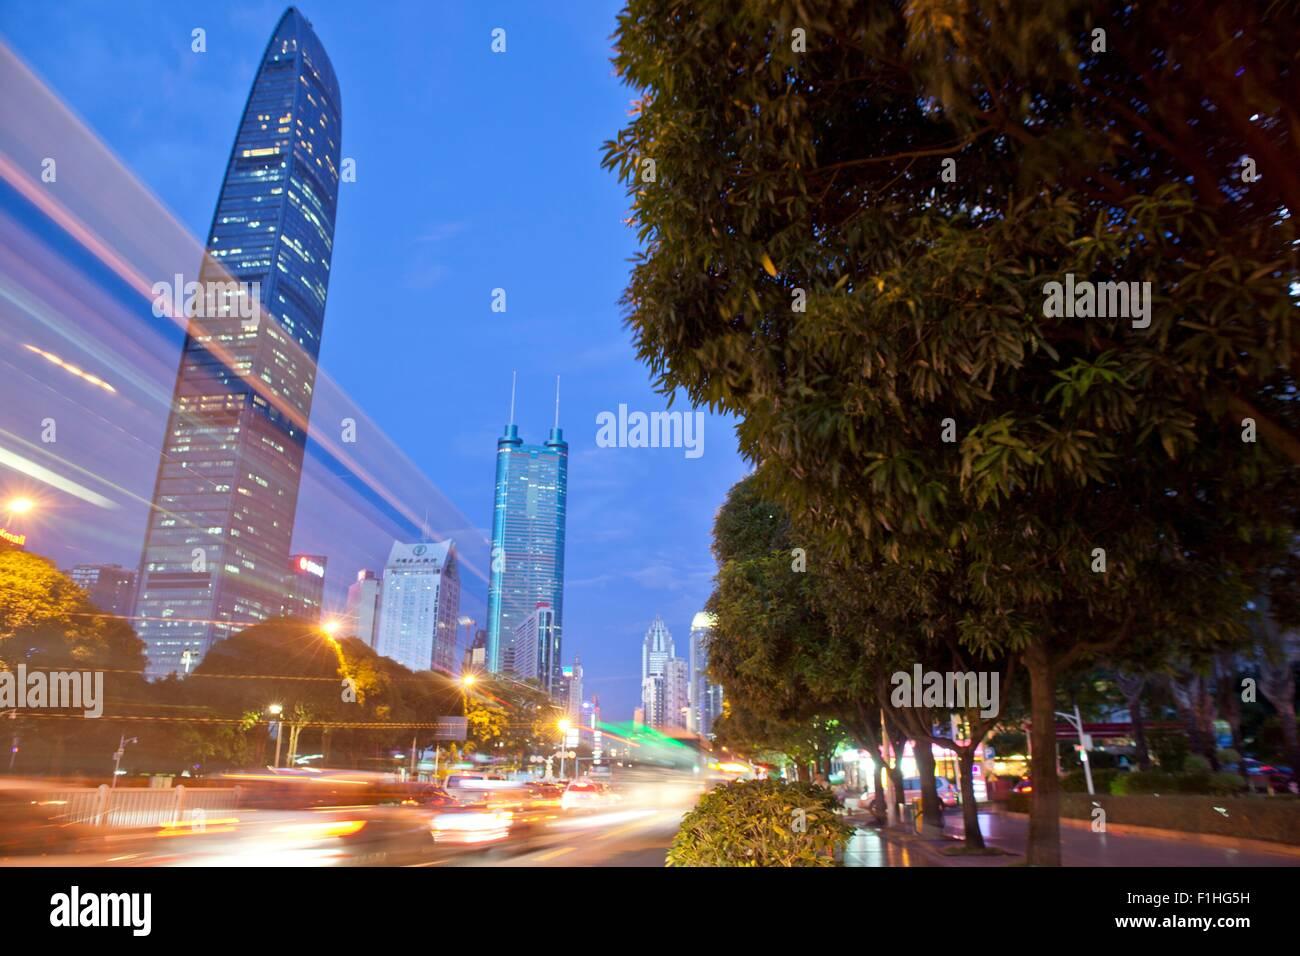 KK100 building, Shenzhen, early evening, long exposure, Shanghai, China - Stock Image